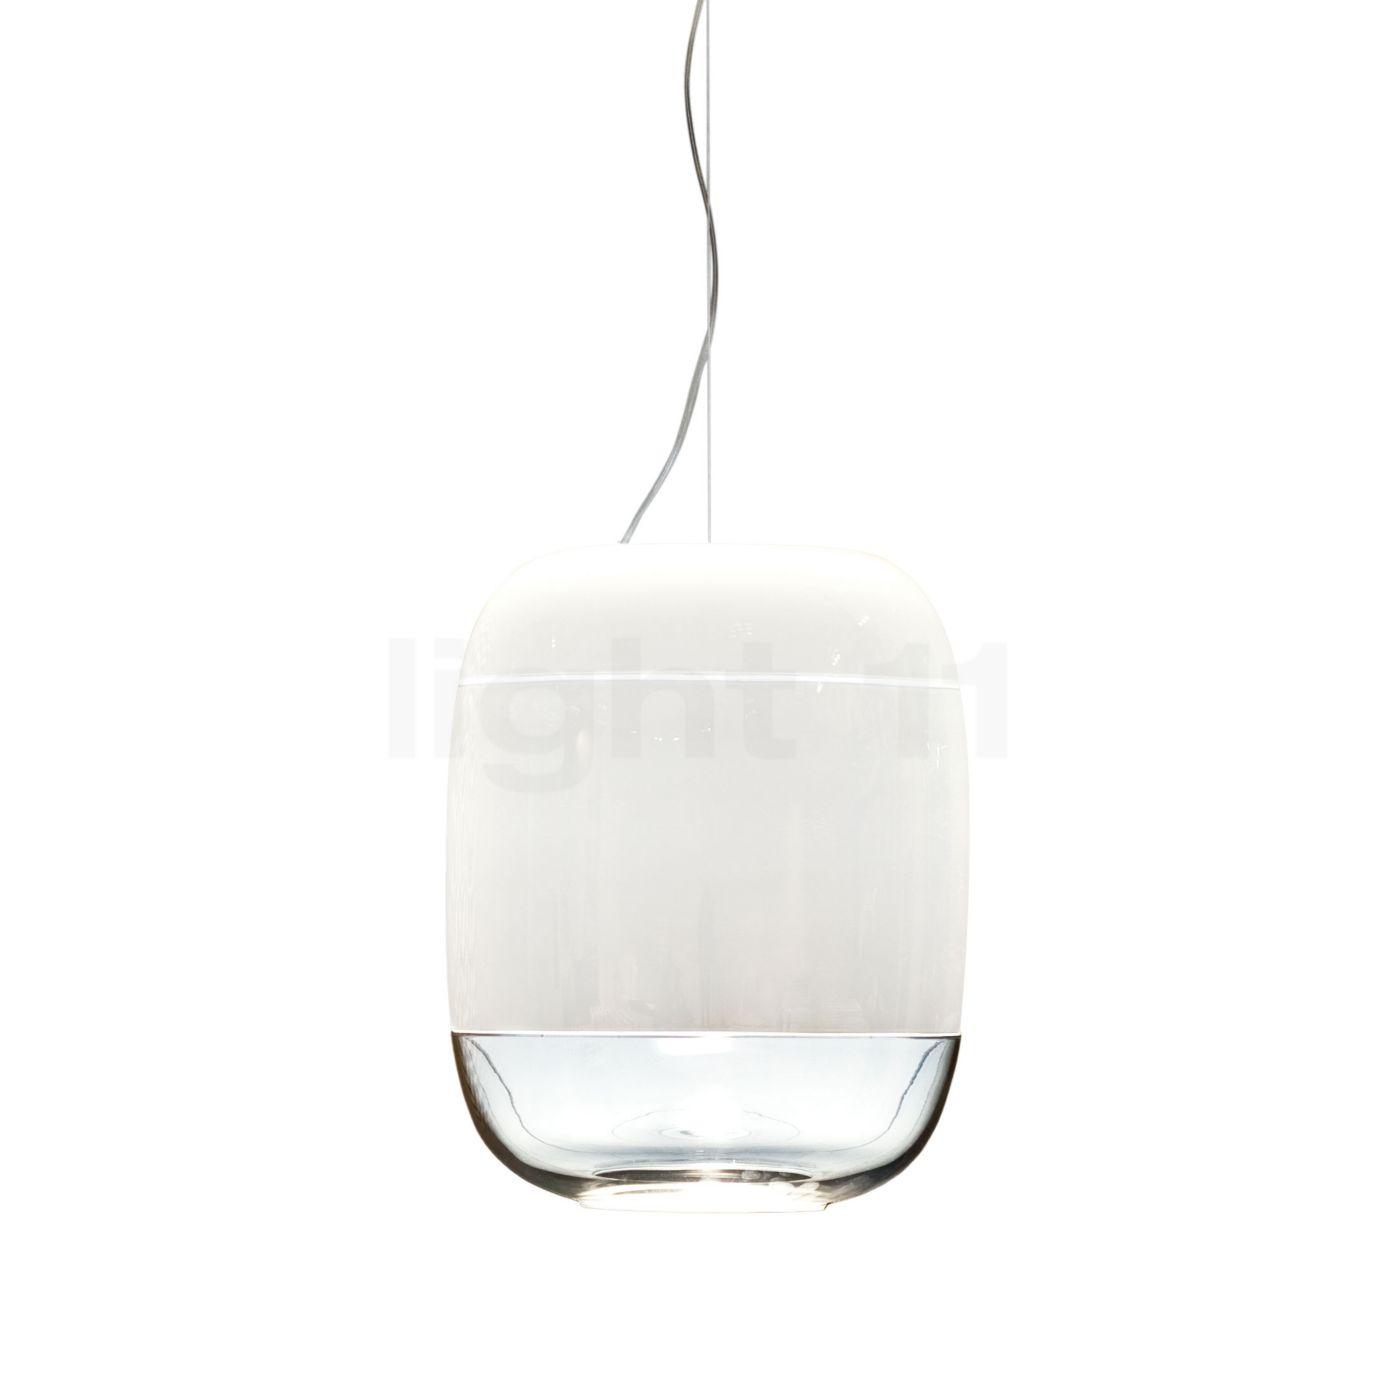 Prandina gong s3 pendant lights buy at light11 eu